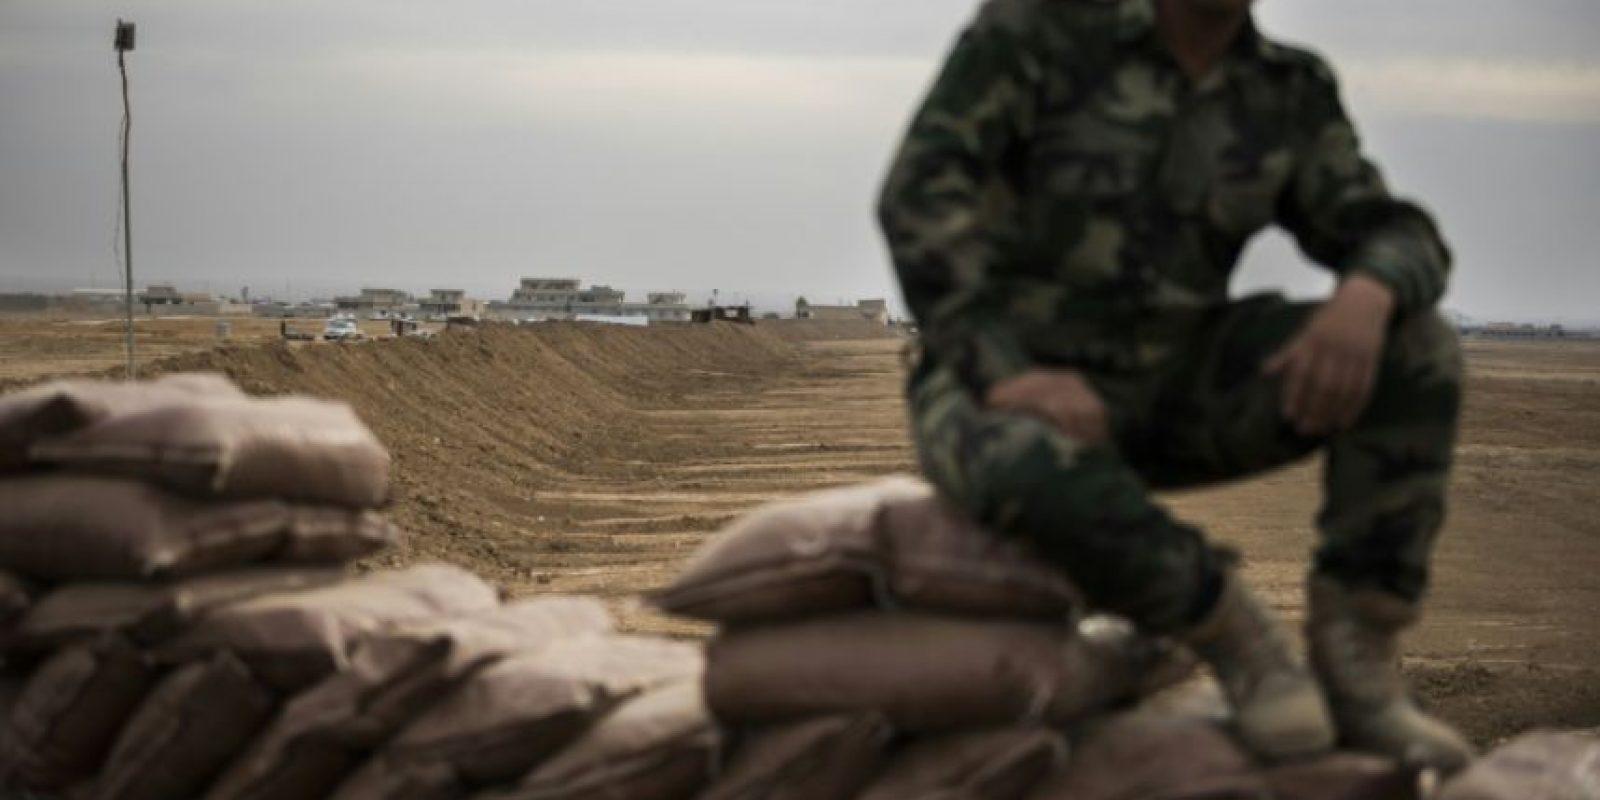 Un combatiente kurdo sentado sobre una berma fronteriza de arena, al norte del puesto de control kurdo-iraquí de Shaquli, a 35 kilómetros al este de Mosul, el 10 de noviembre de 2016 Foto:Odd Andersen/afp.com